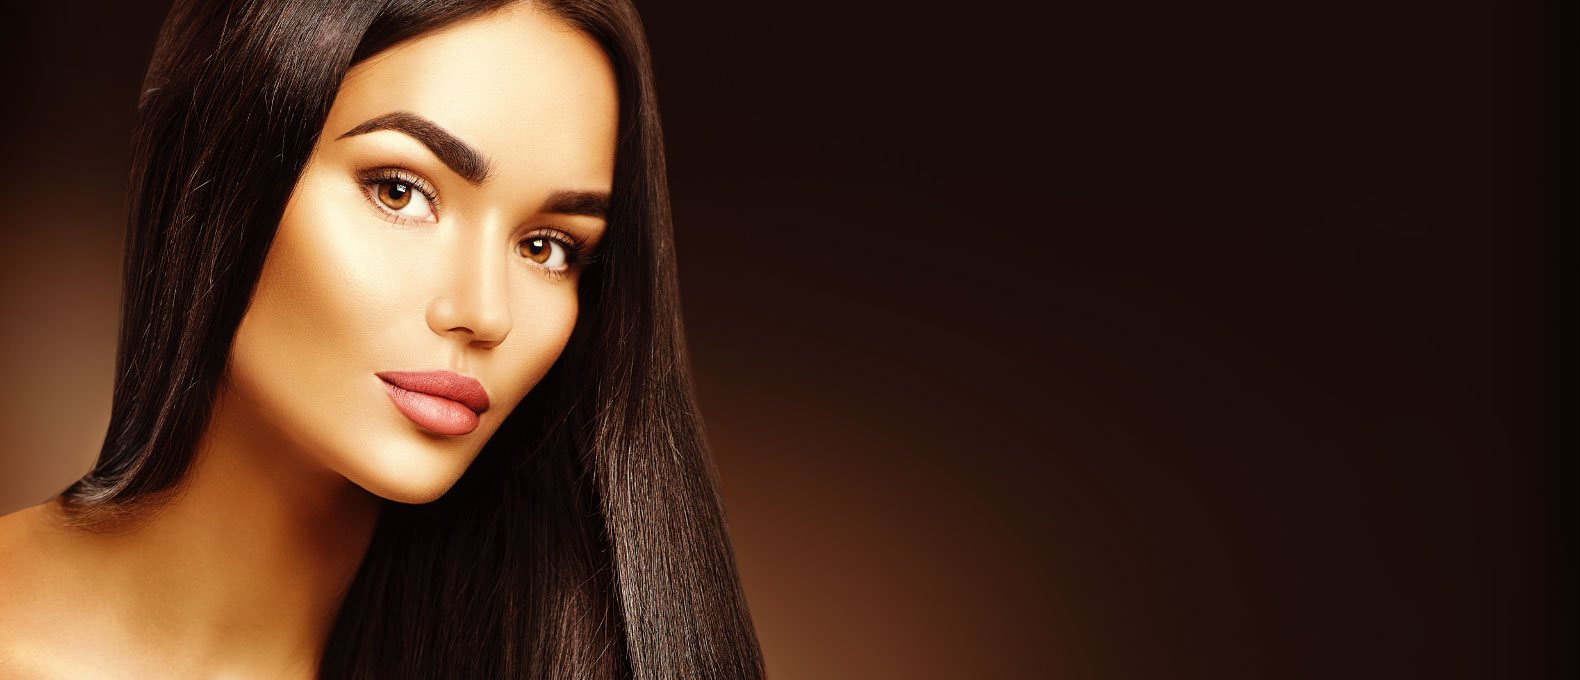 Студио за красота Визия Пловдив Ви предлага фризьорски услуги козметика маникюр педикюр ноктопластика лазерна епилация масажи